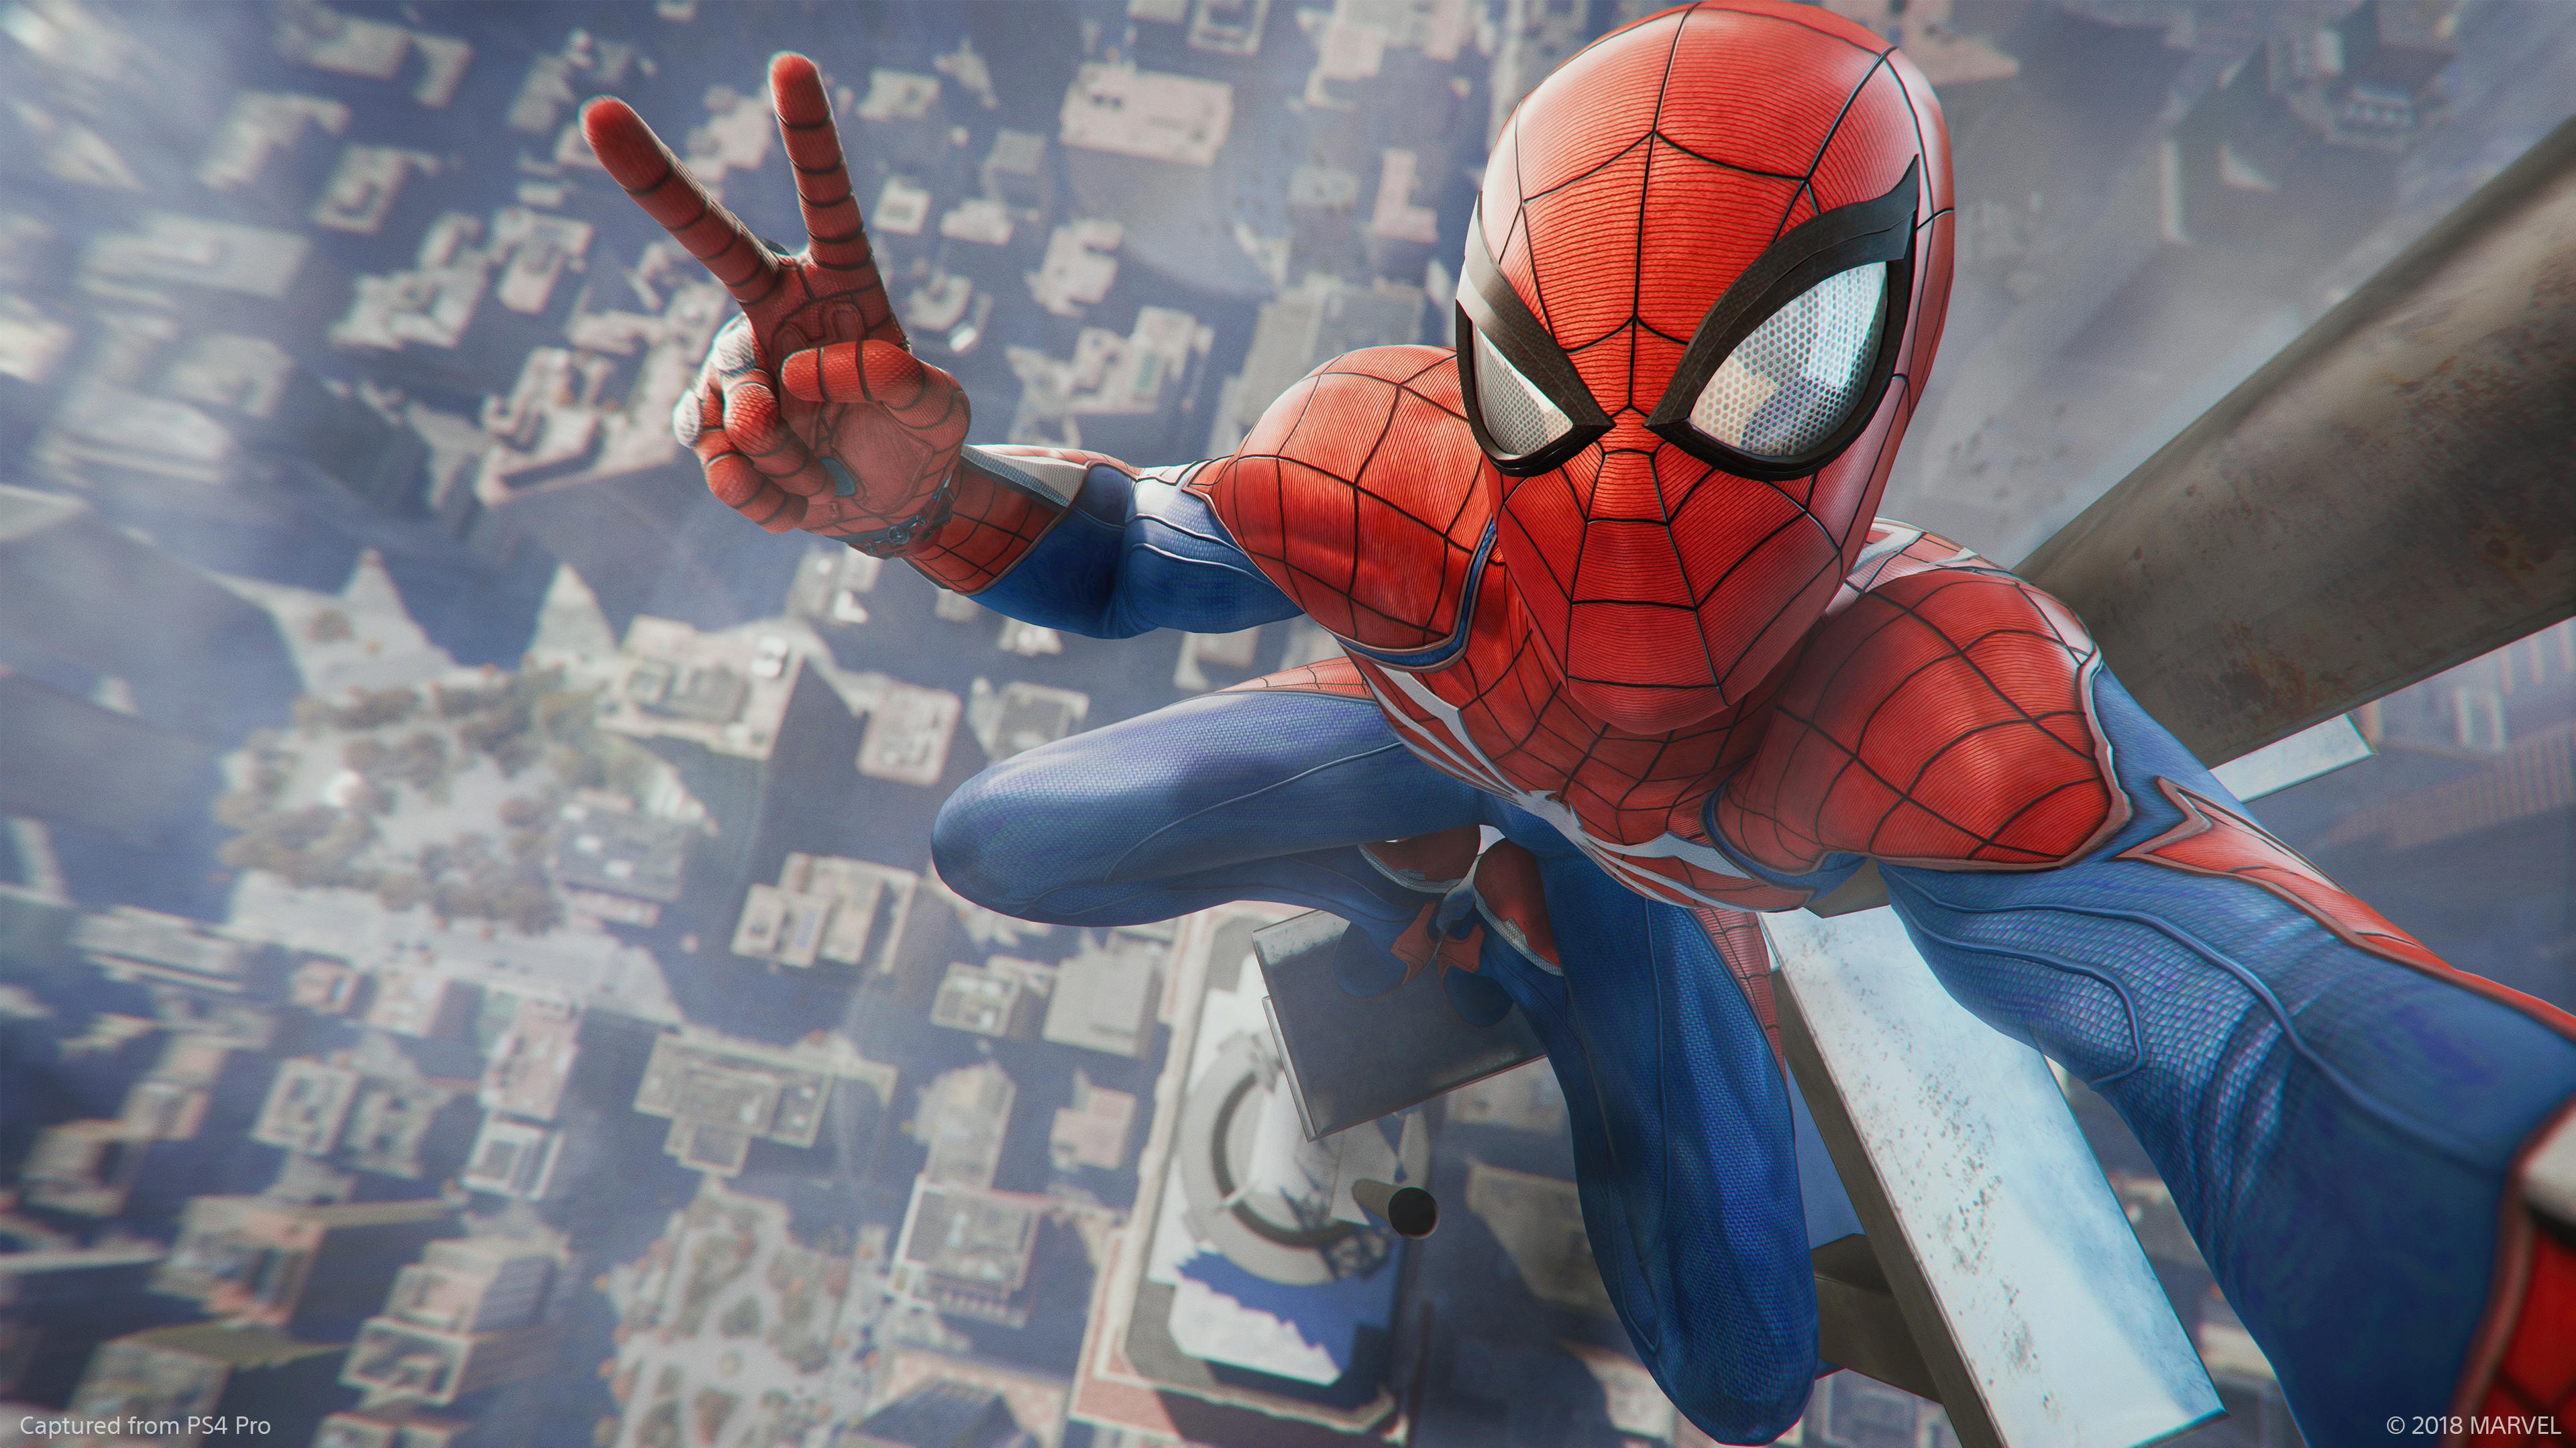 Spider-Man zeigt das Victory-Zeichen, während er auf der Spitze eines Wolkenkratzers sitzt.